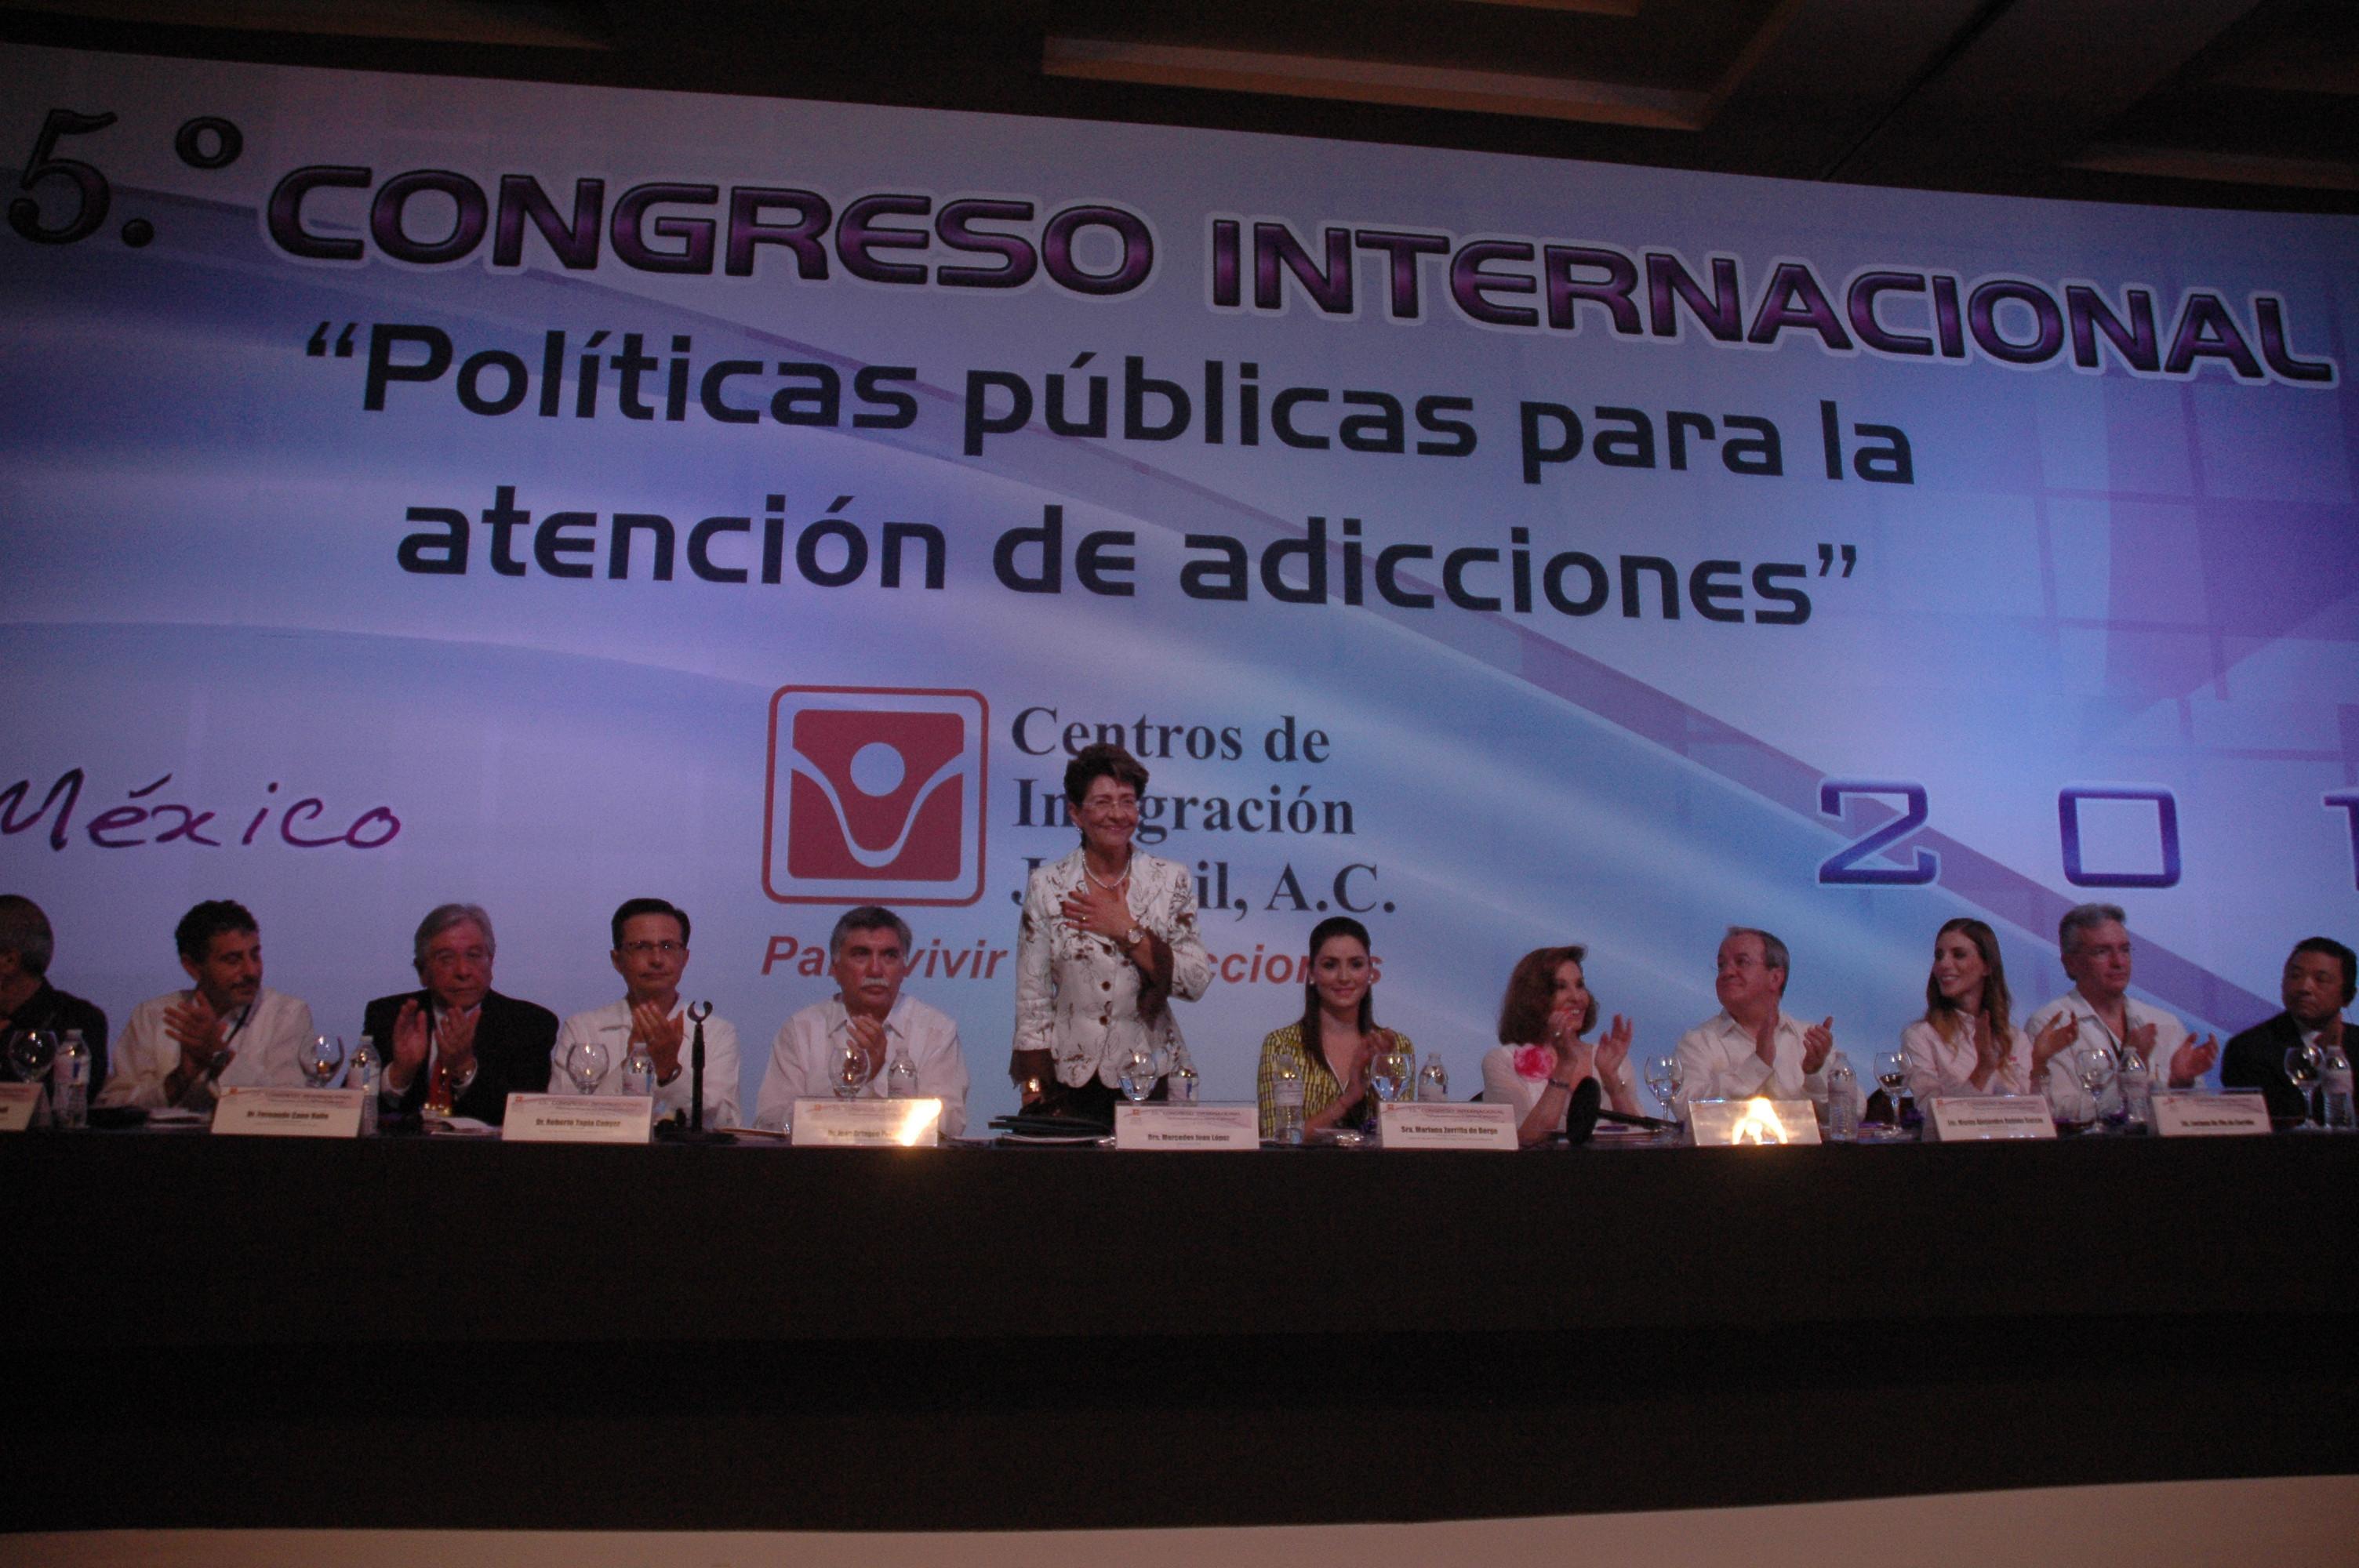 """Congreso Internacional """"Políticas públicas para la atención de adicciones"""""""